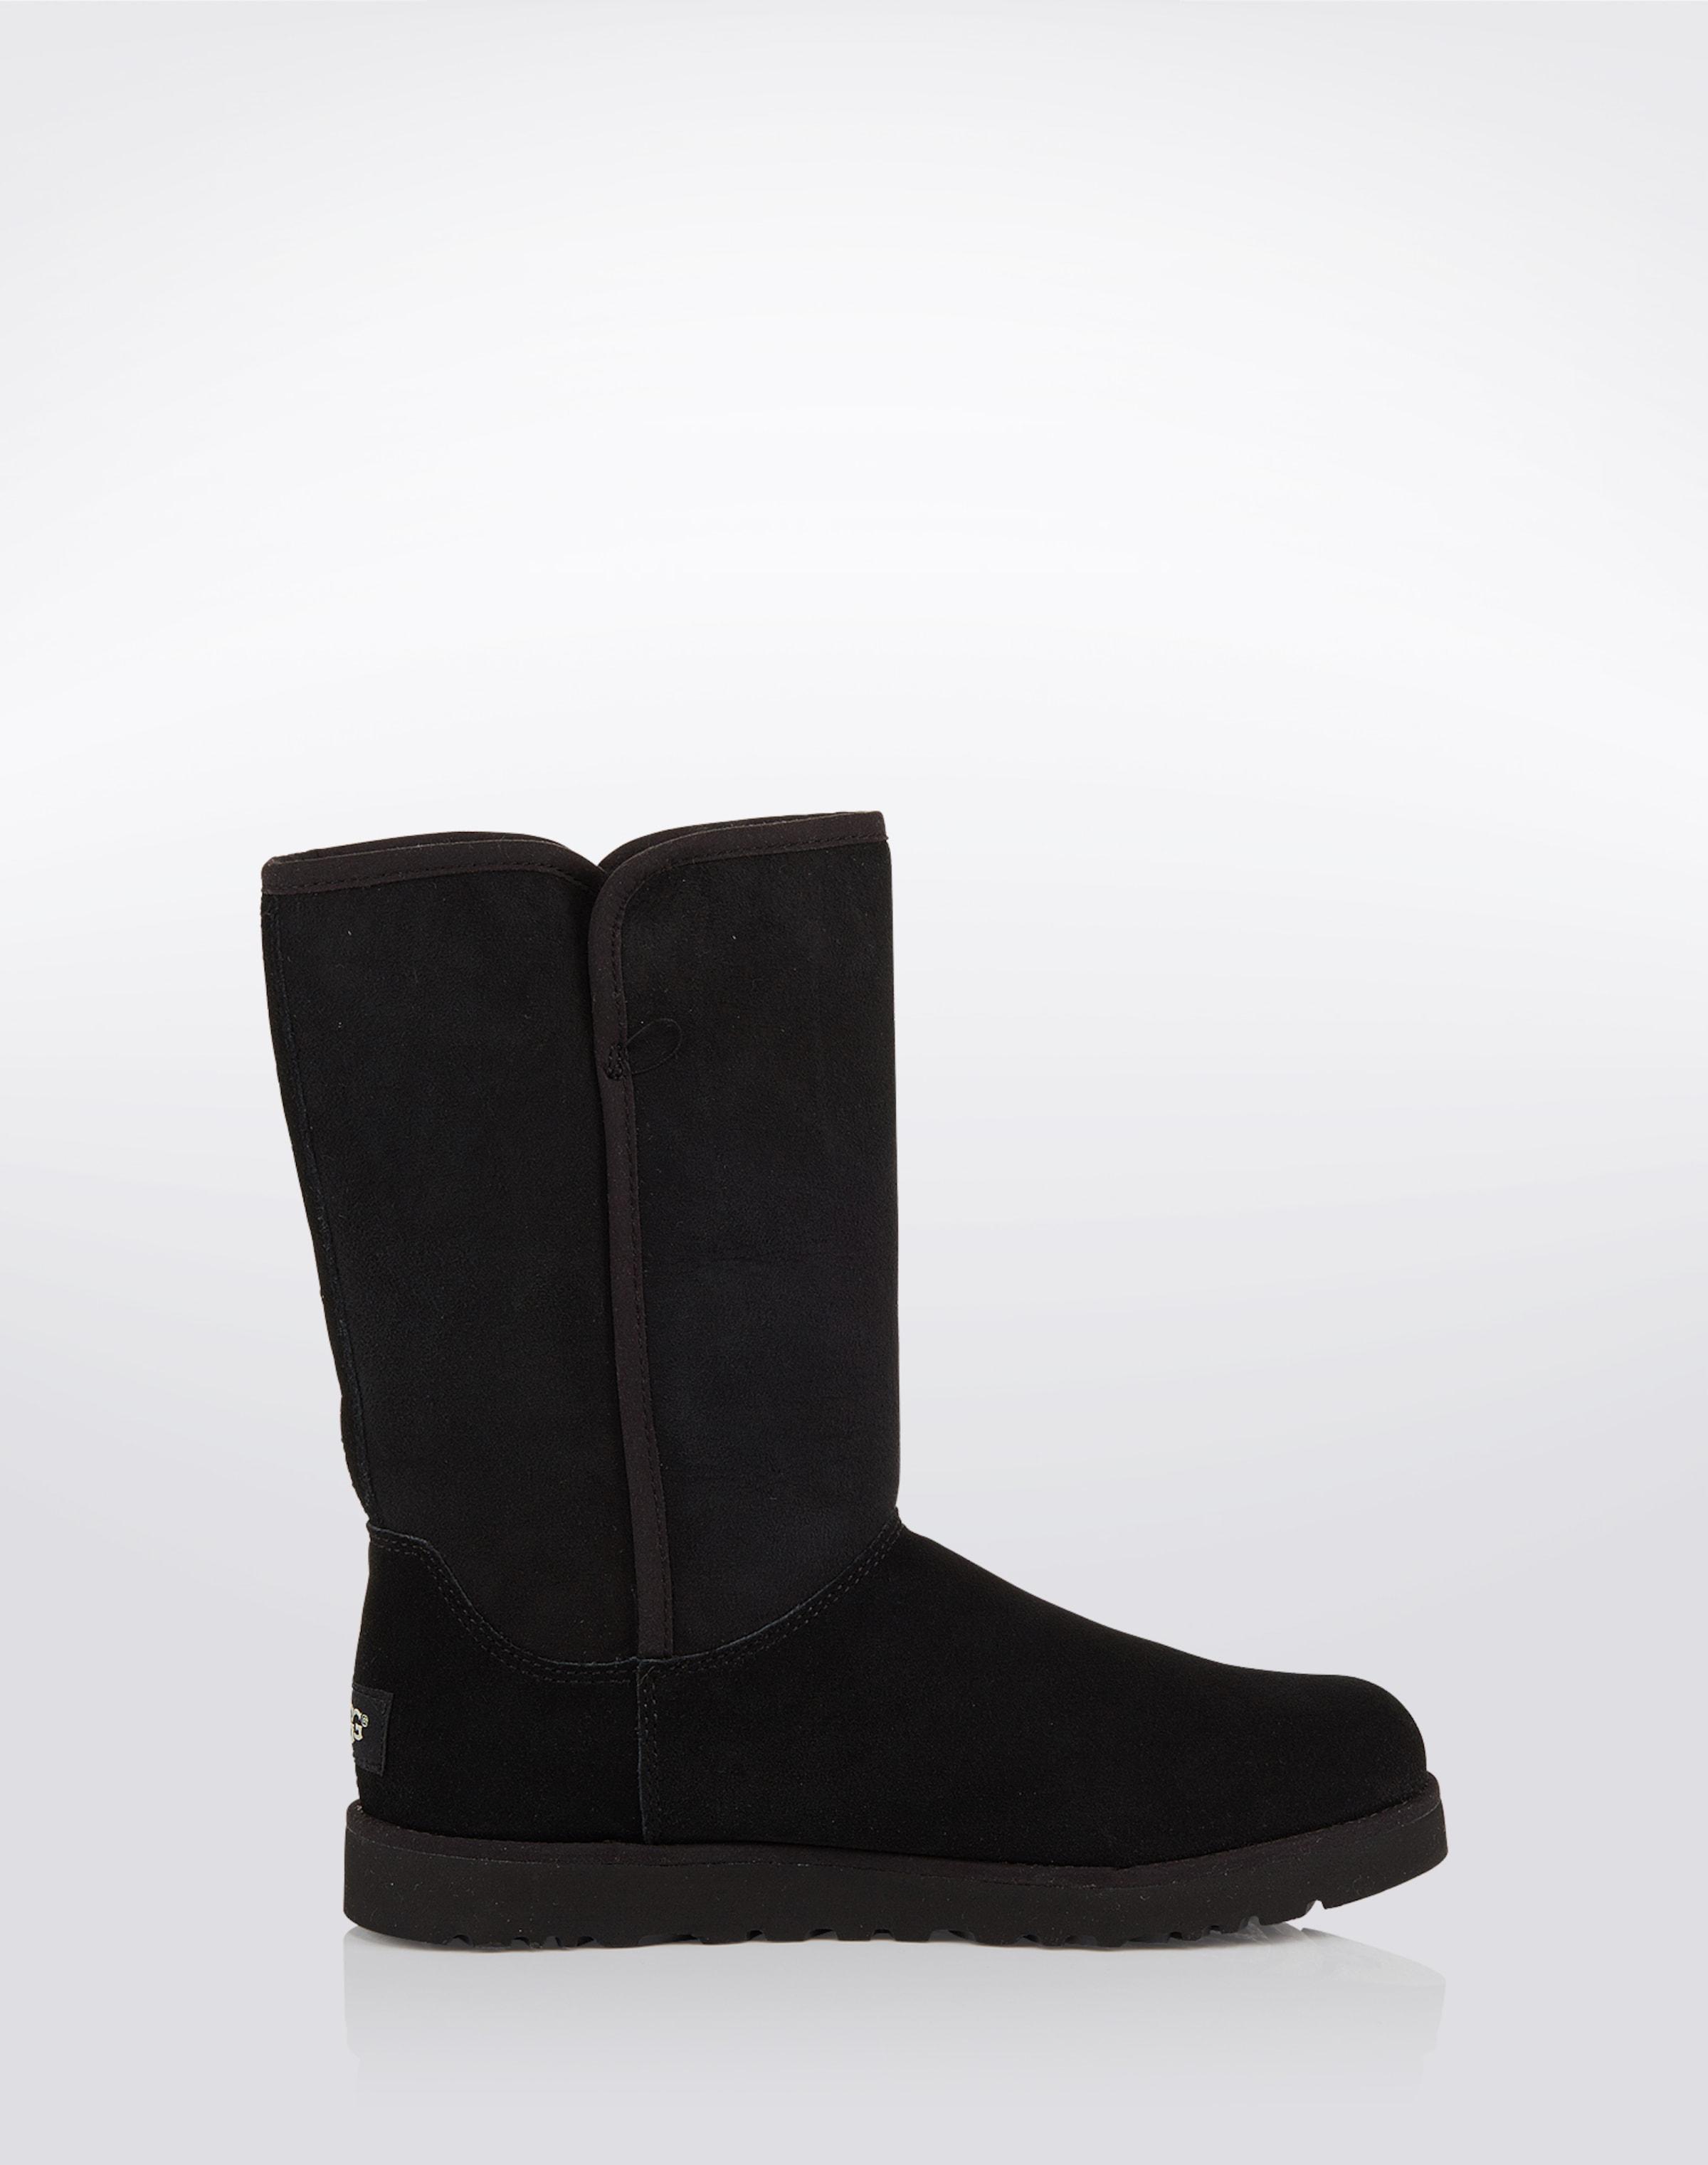 Günstig Kaufen Wahl Günstig Kaufen Blick UGG Boots 'Michelle' MbT9WIz